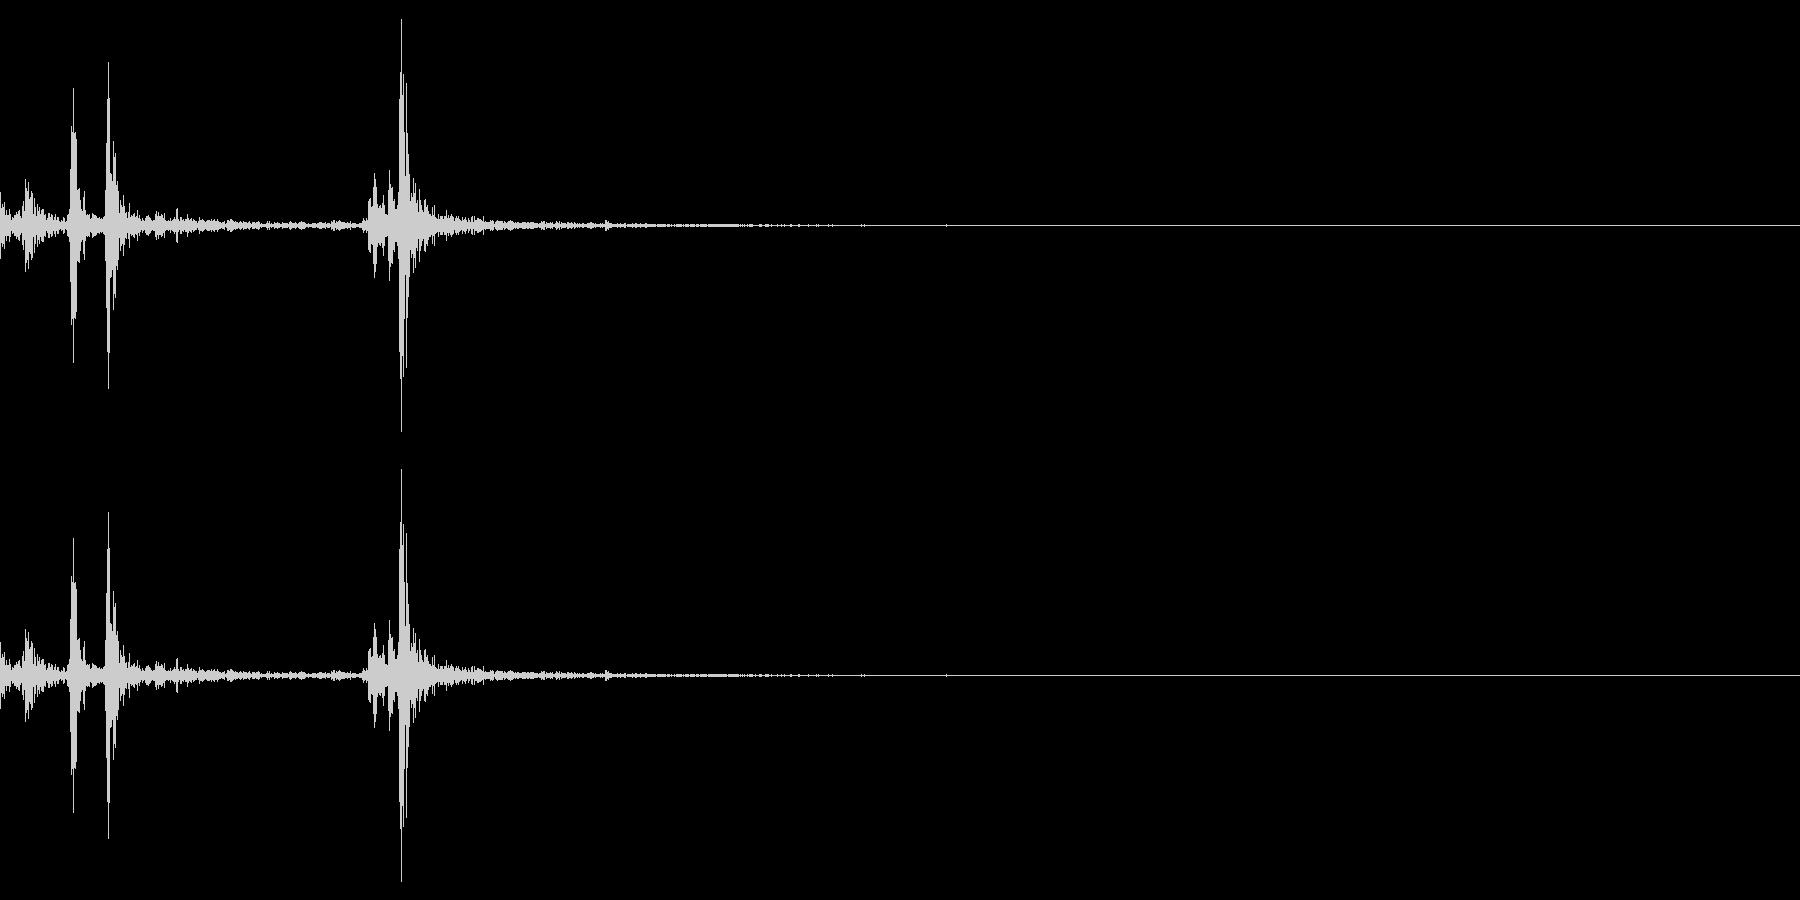 スイッチ/ボタン/パチッ/カチッの未再生の波形